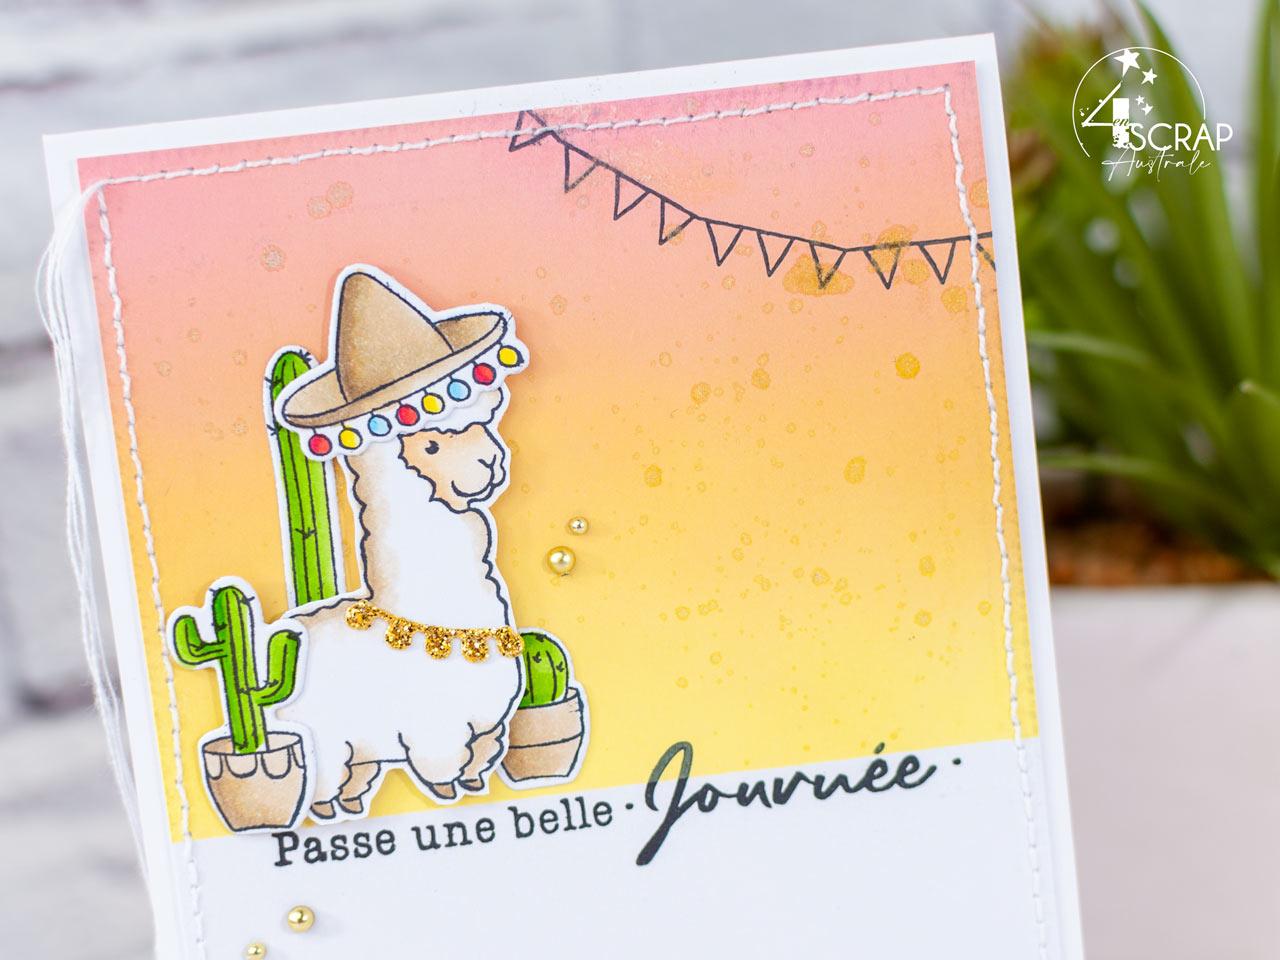 Création d'un duo de cartes d'anniversaire avec le bébé alpaga de 4enscrap.Les fonds de cartes sont faits à l'encre distress oxide avec et sans pochoir dans des nuances de couché de soleil.